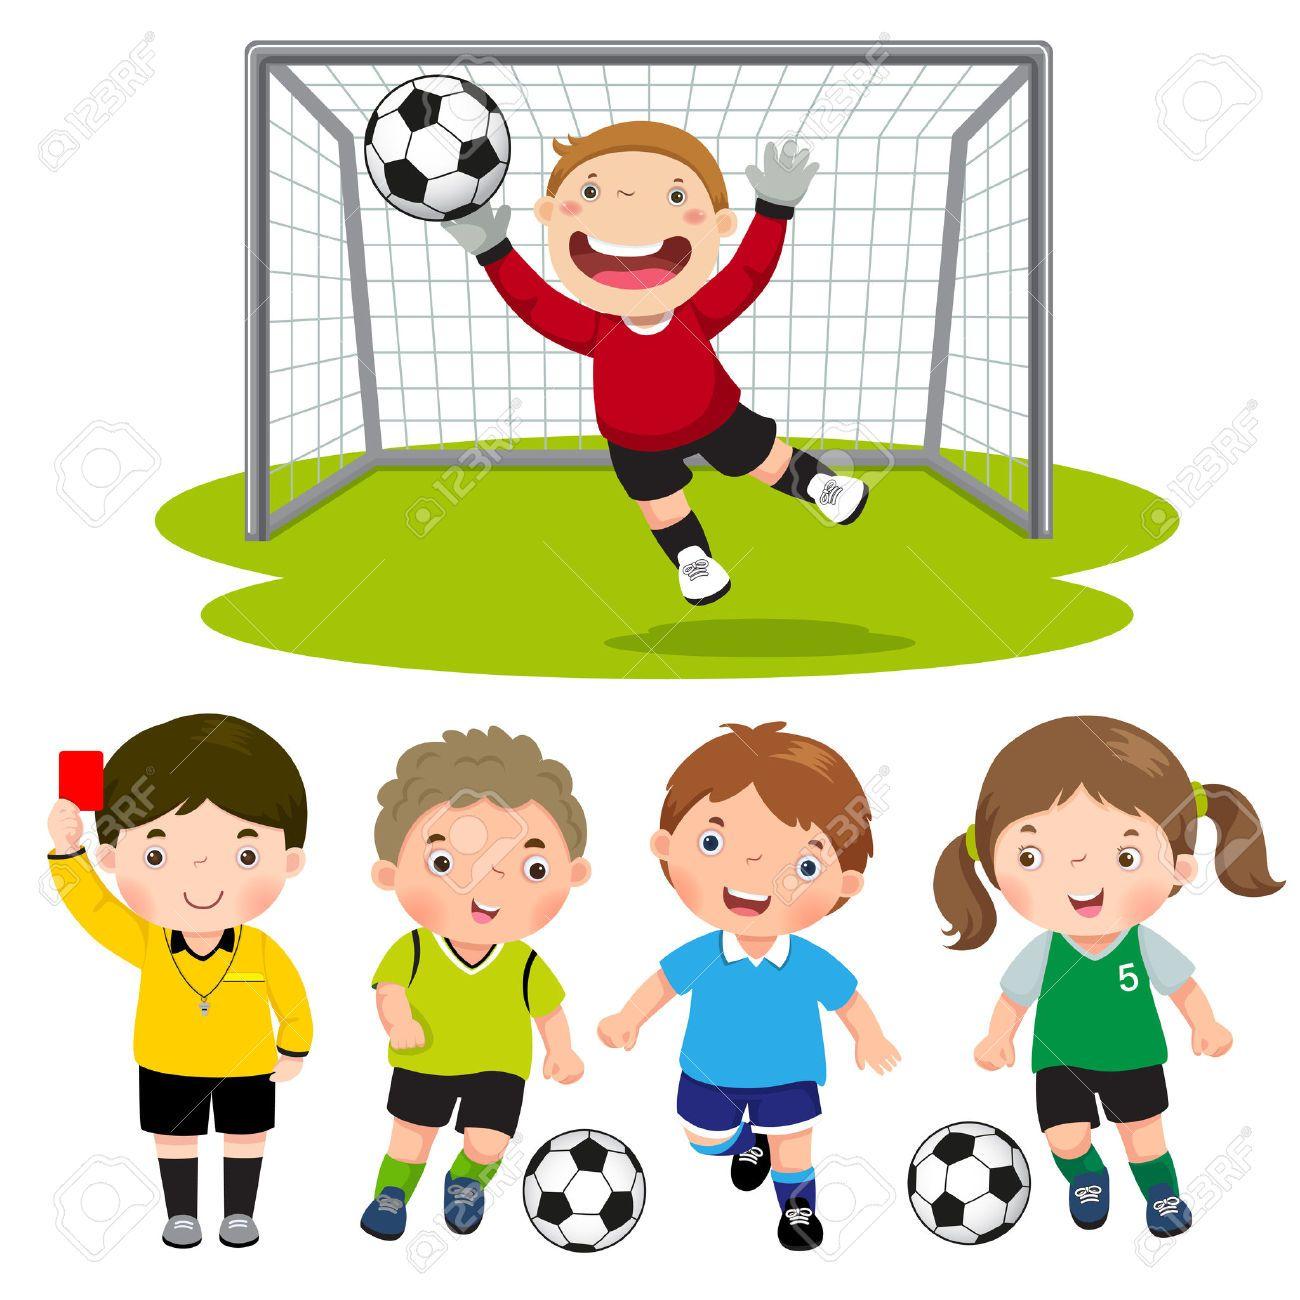 Resultado De Imagen Para Dibujos De Ninos Jugando Futbol A Color